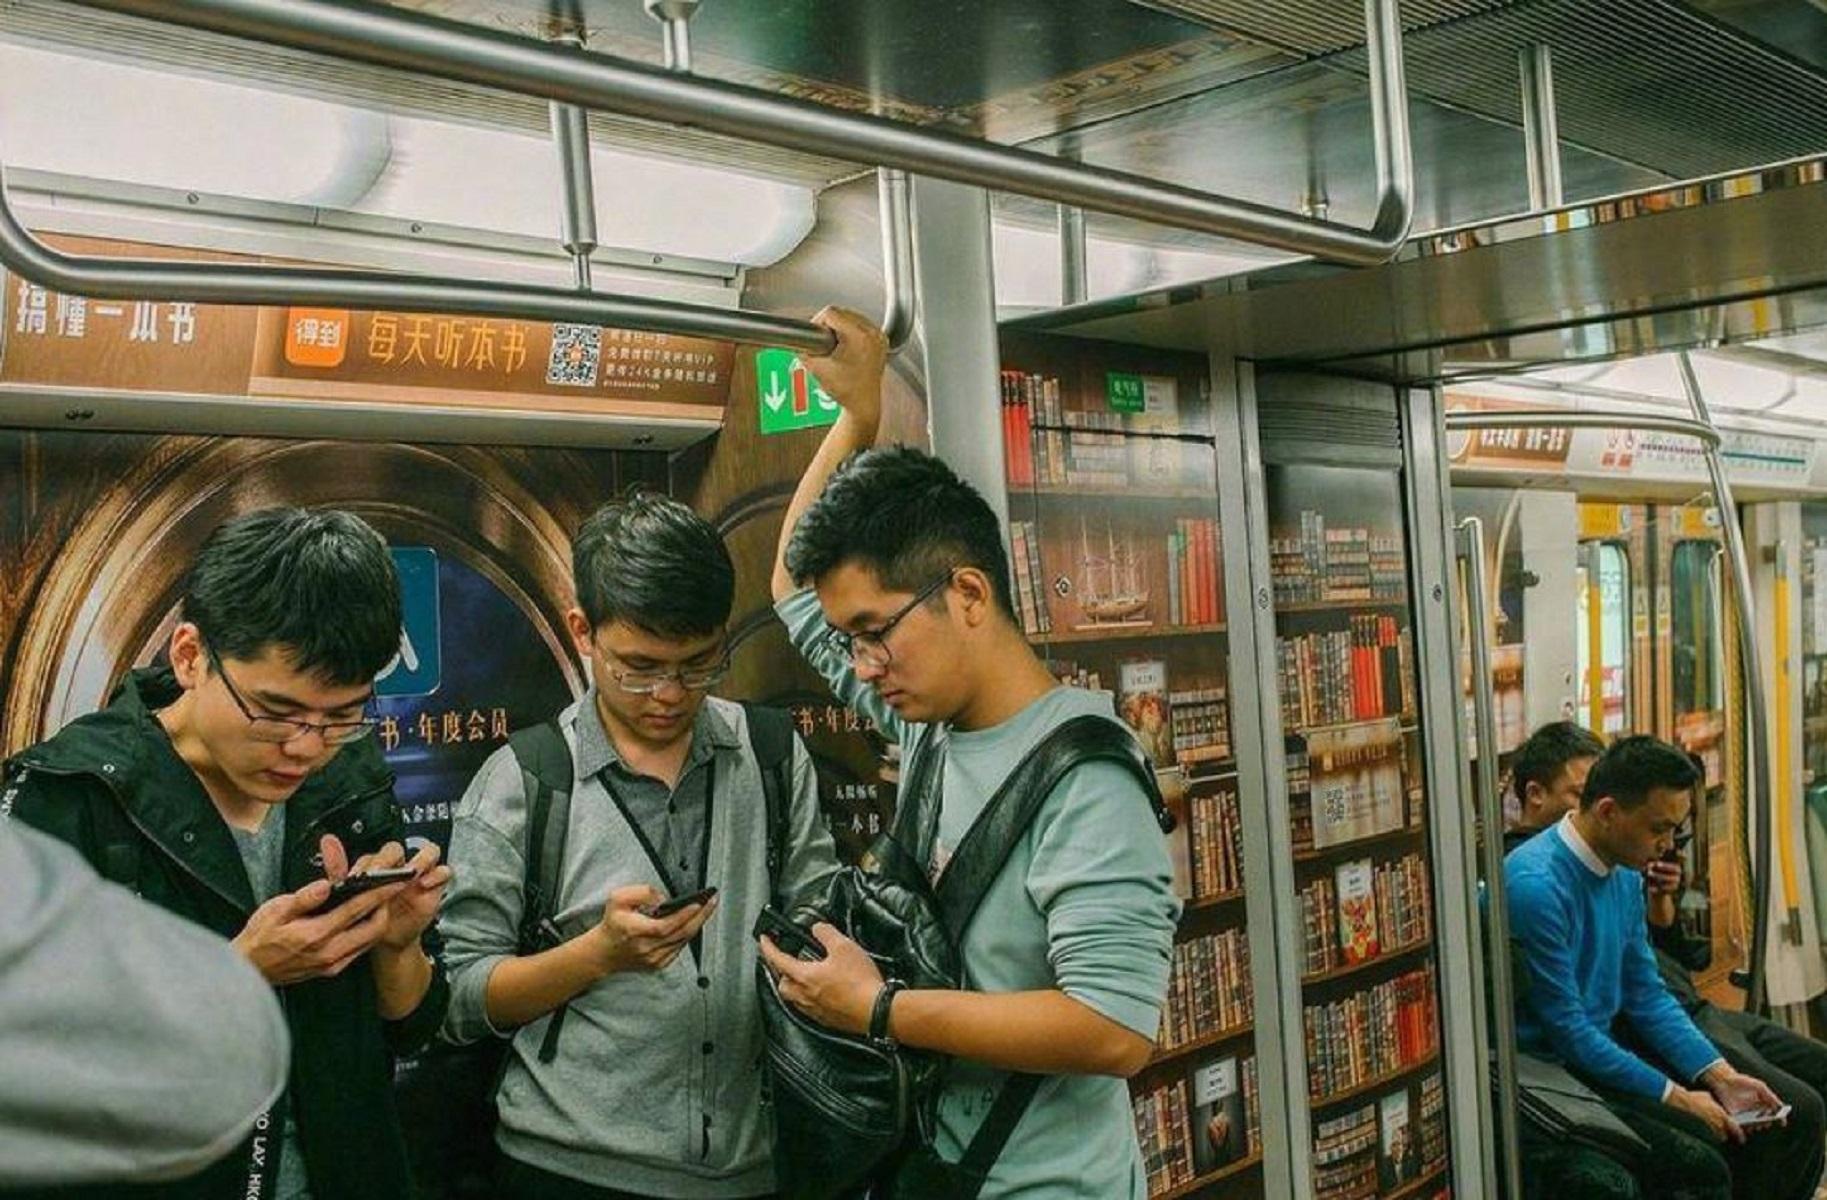 La metropolitana di Pechino si trasforma in una libreria